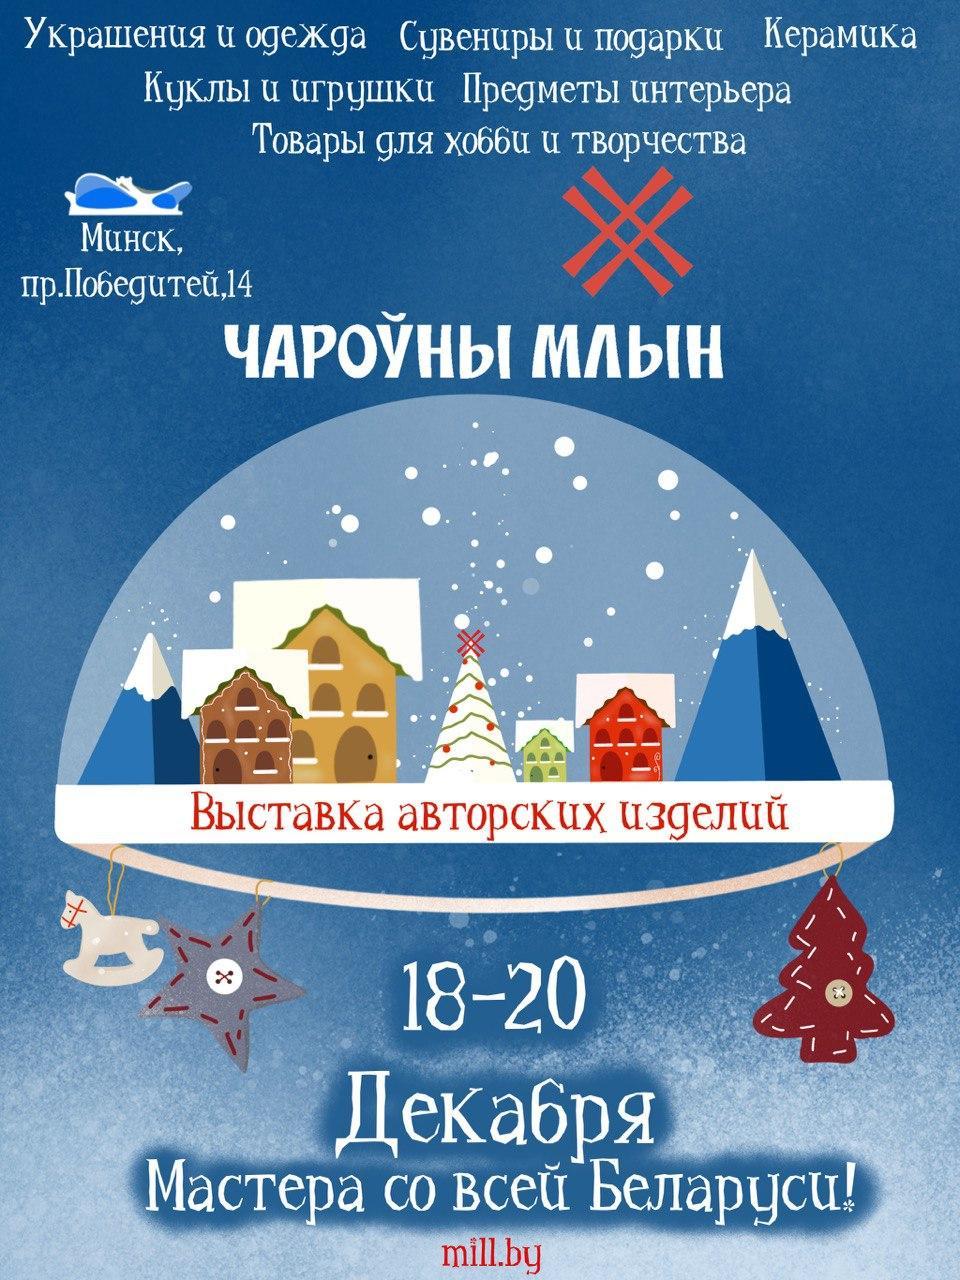 Дизайн новогодней афиши для выставки изделий ручной работы фото f_9095f8f66276f1b7.jpg